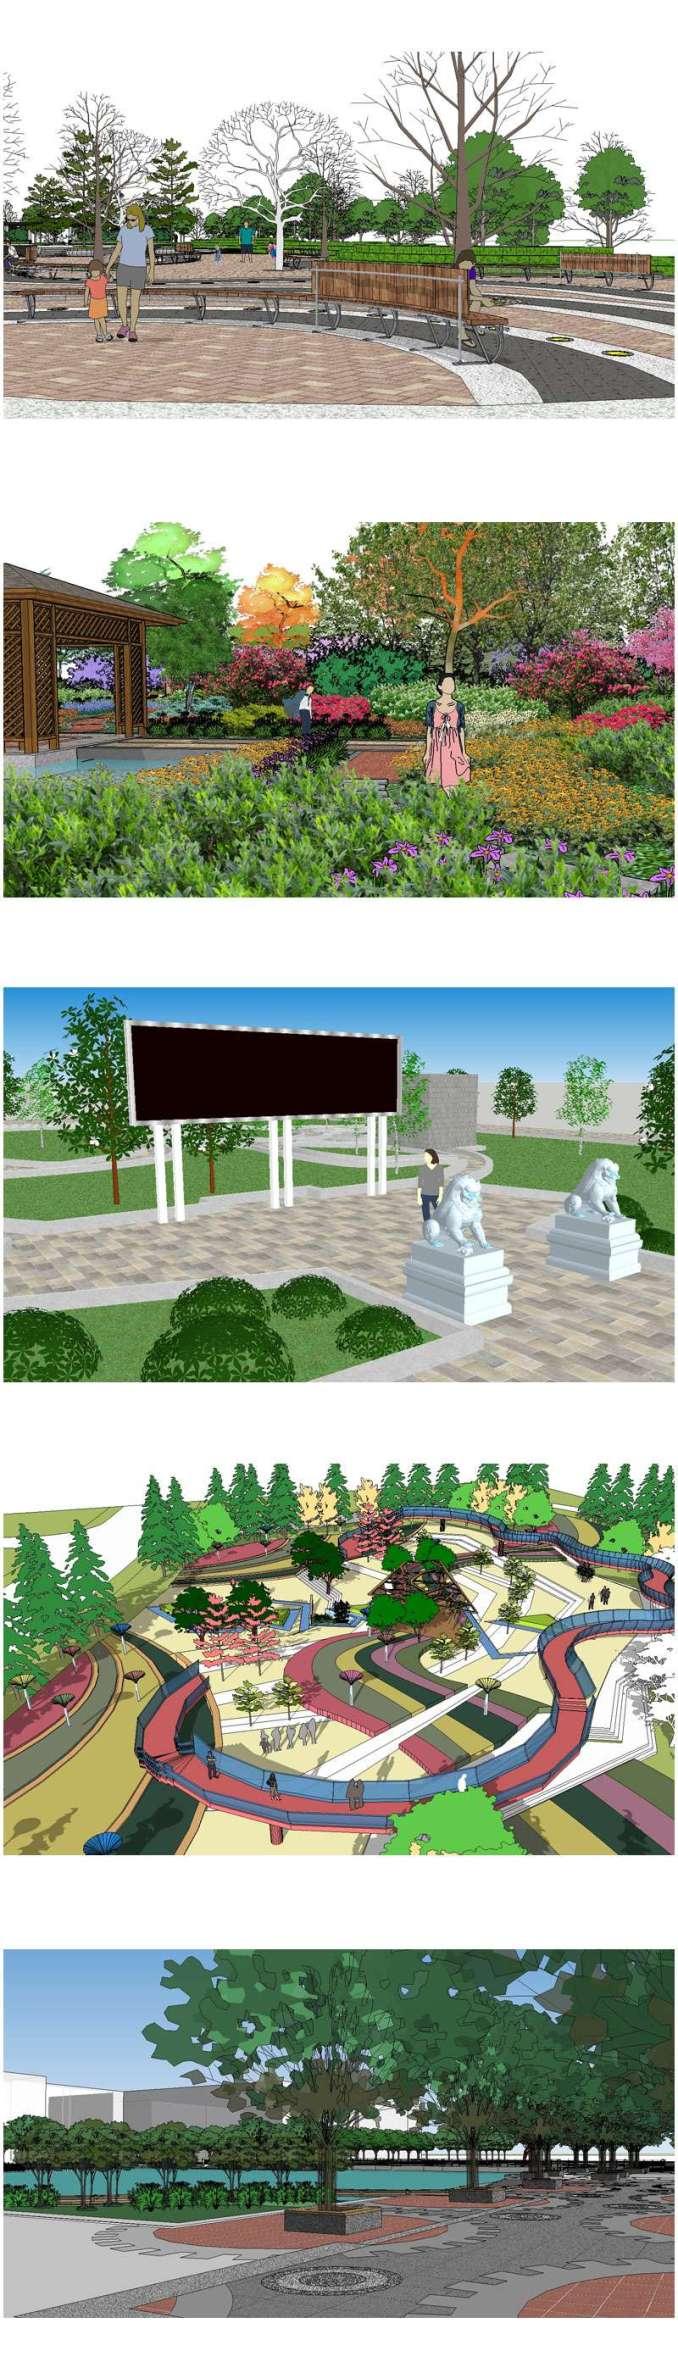 ★【Sketchup 3D Models】5 Types of Park Landscape Sketchup 3D Models V 3